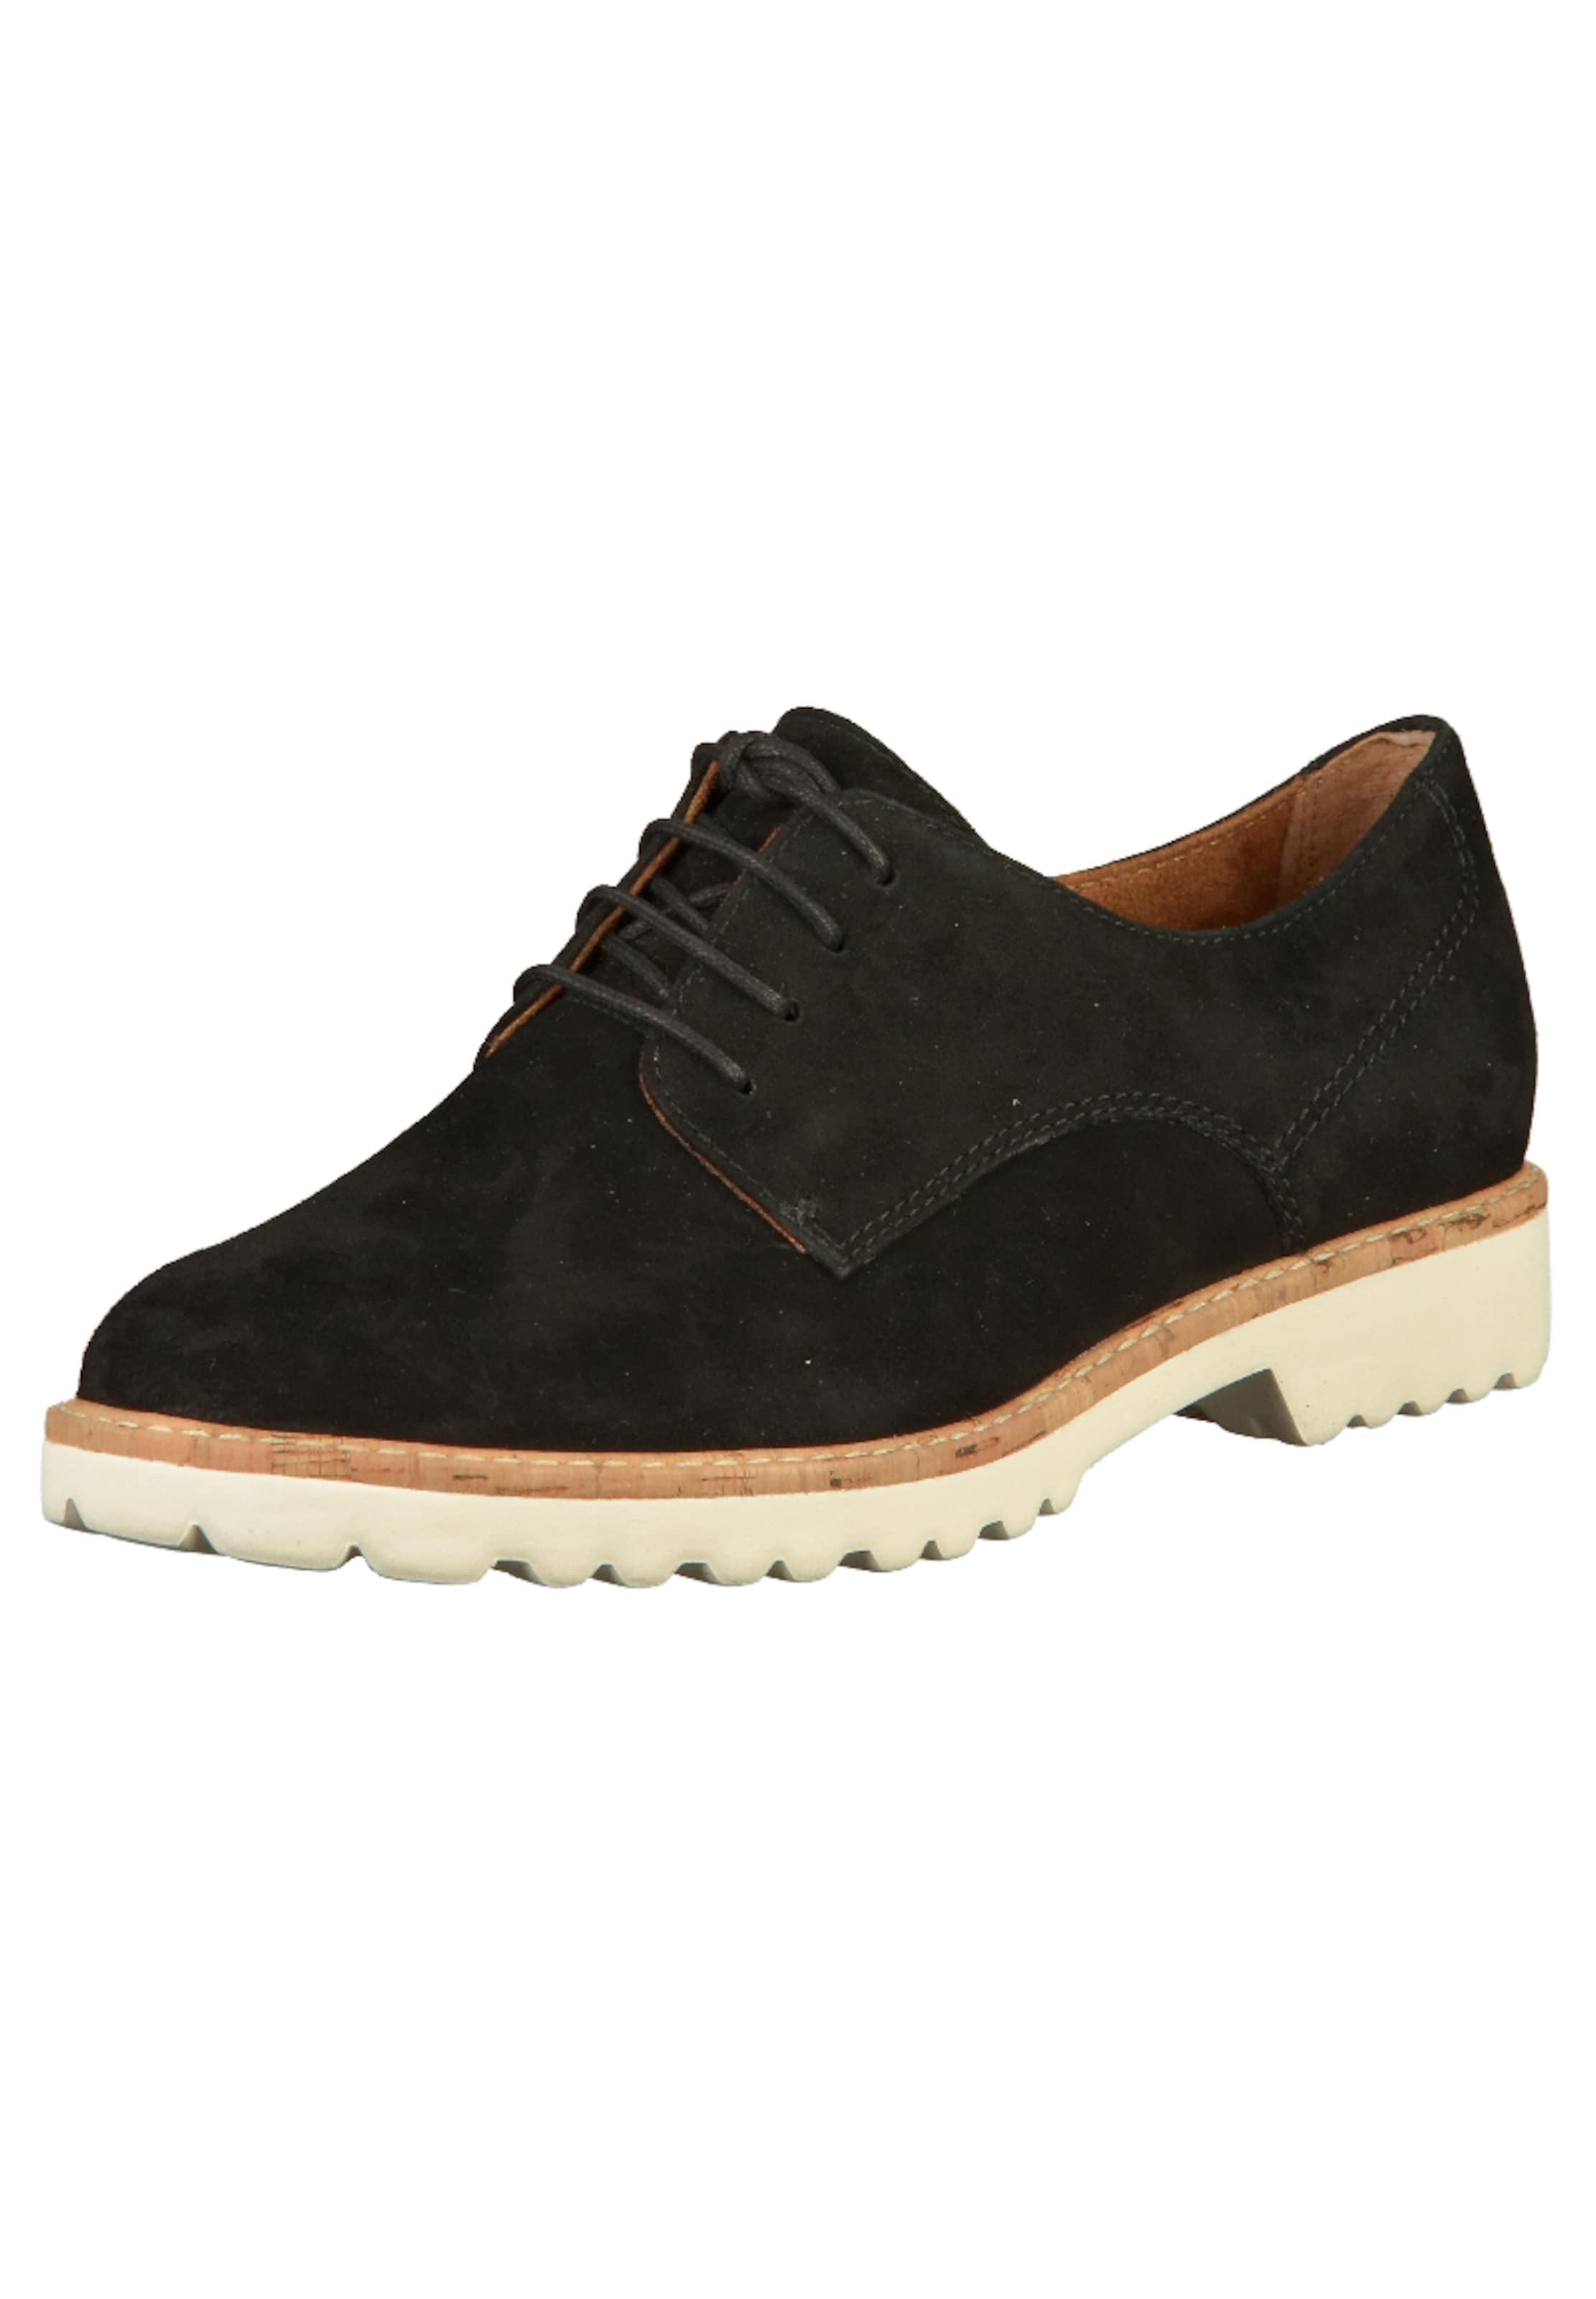 TAMARIS Schnürschuh Verschleißfeste billige Schuhe Hohe Qualität